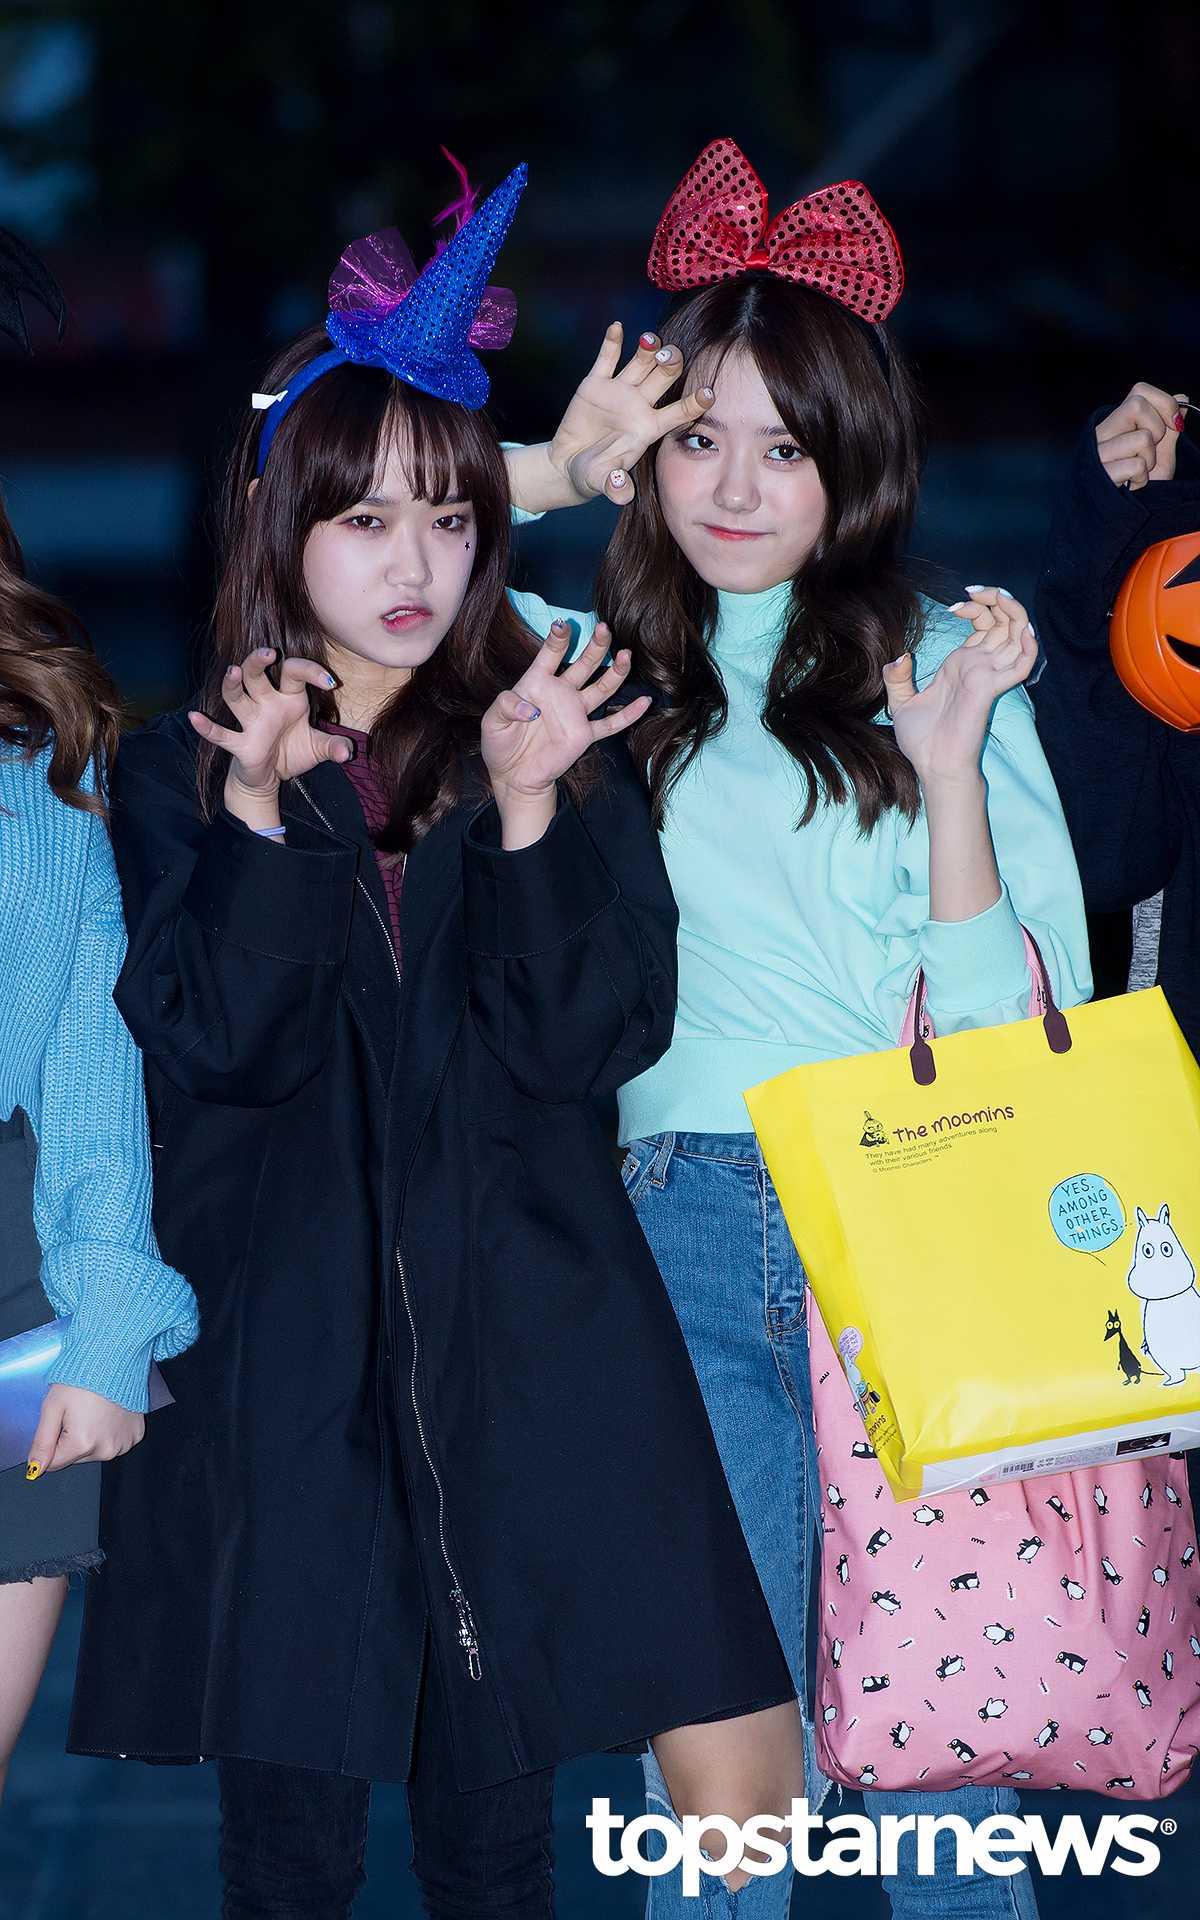 #4 I.O.I_Yoo Jung、So Hye  而I.O.I帶了各式的髮箍和南瓜燈 除了可愛之外 感受不到可怕啊XDDDD